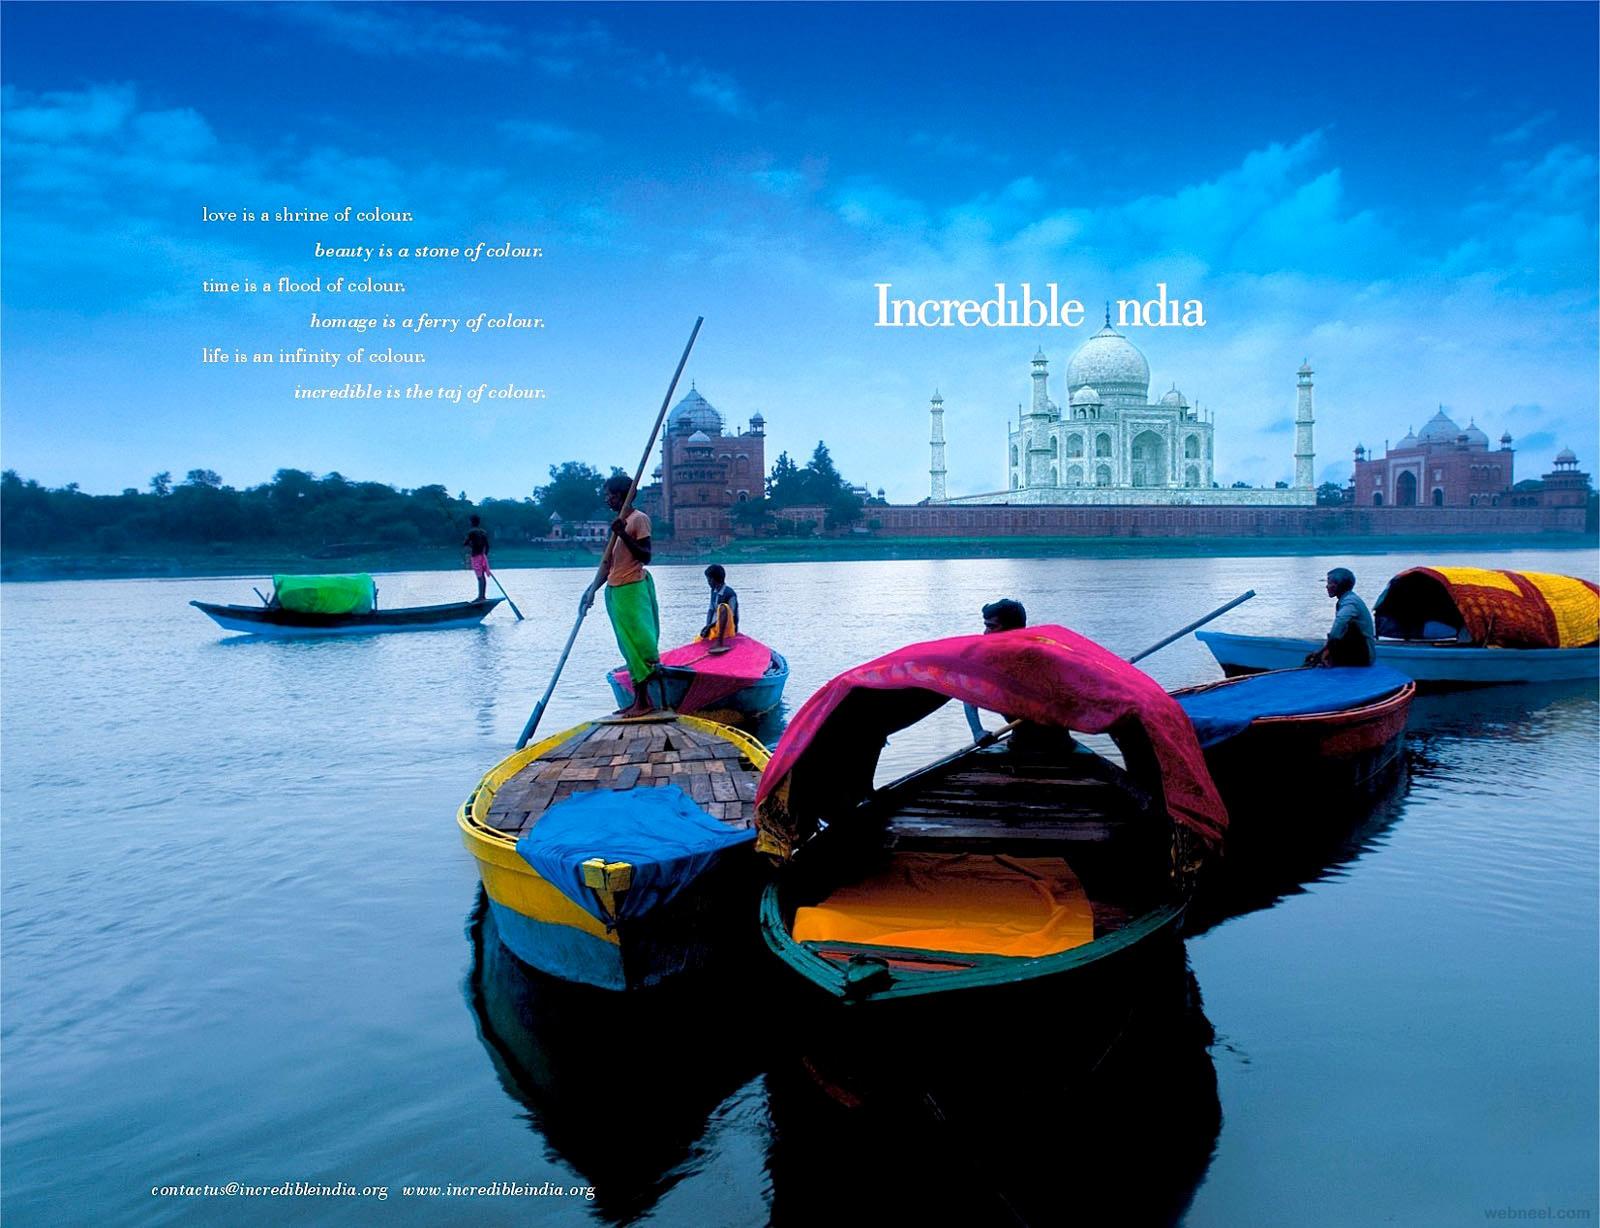 incredible india 1 1600x1228